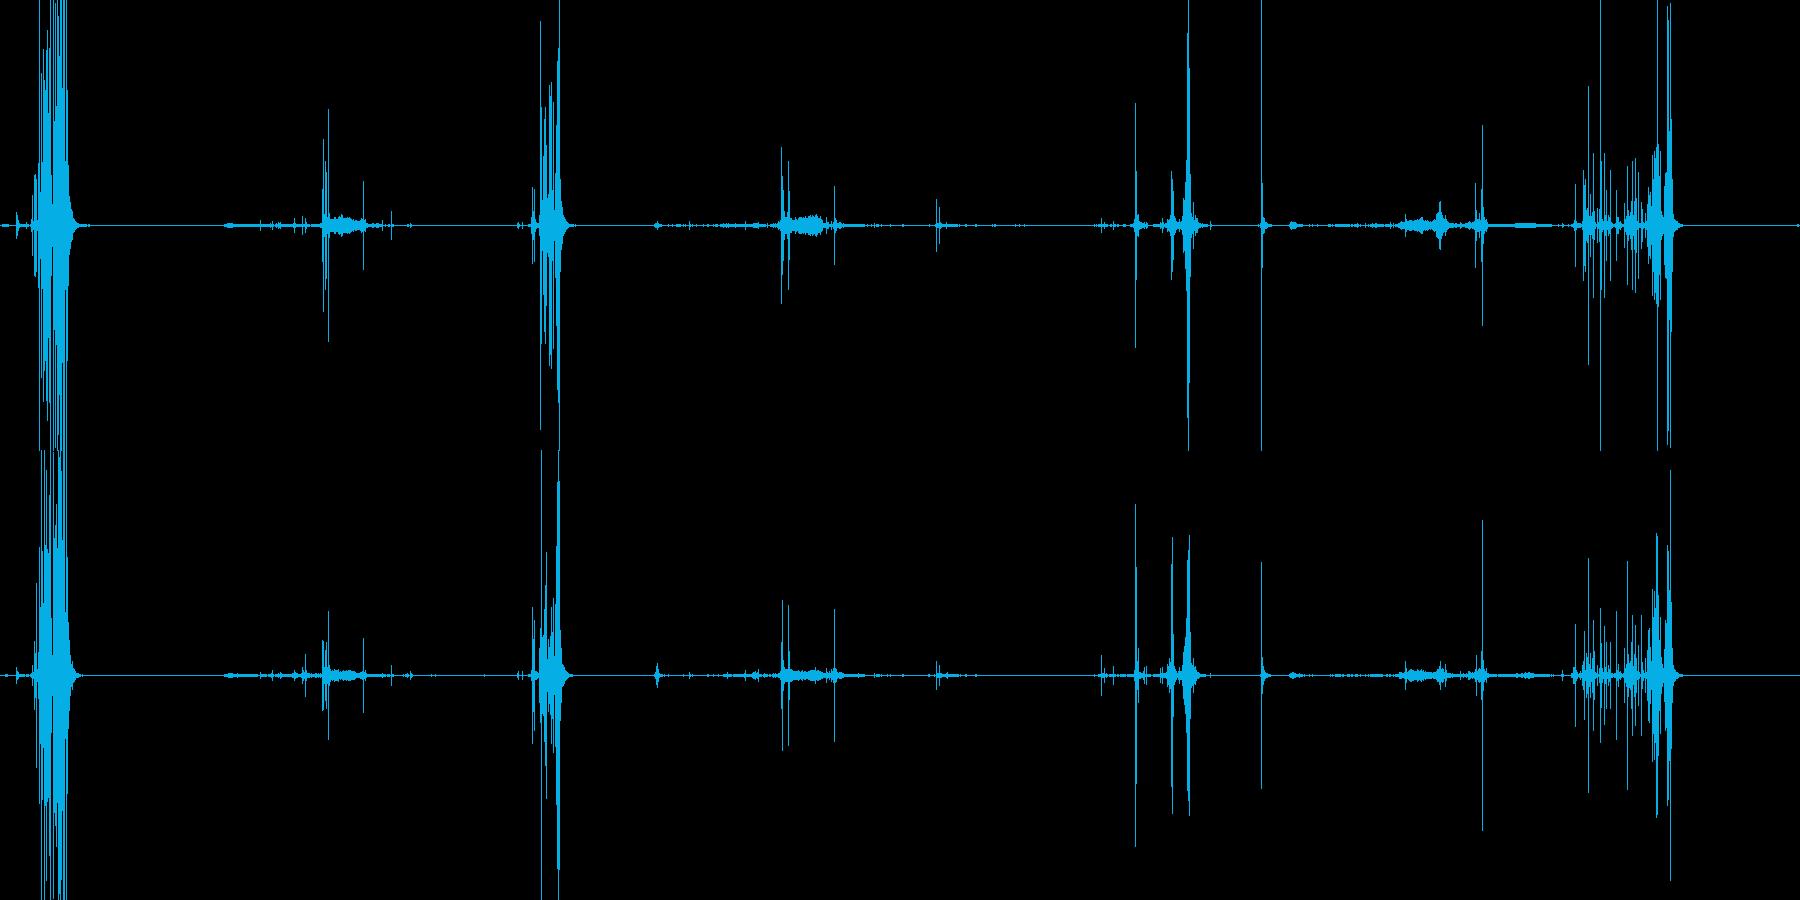 パリパリッと鳴らしている音の再生済みの波形